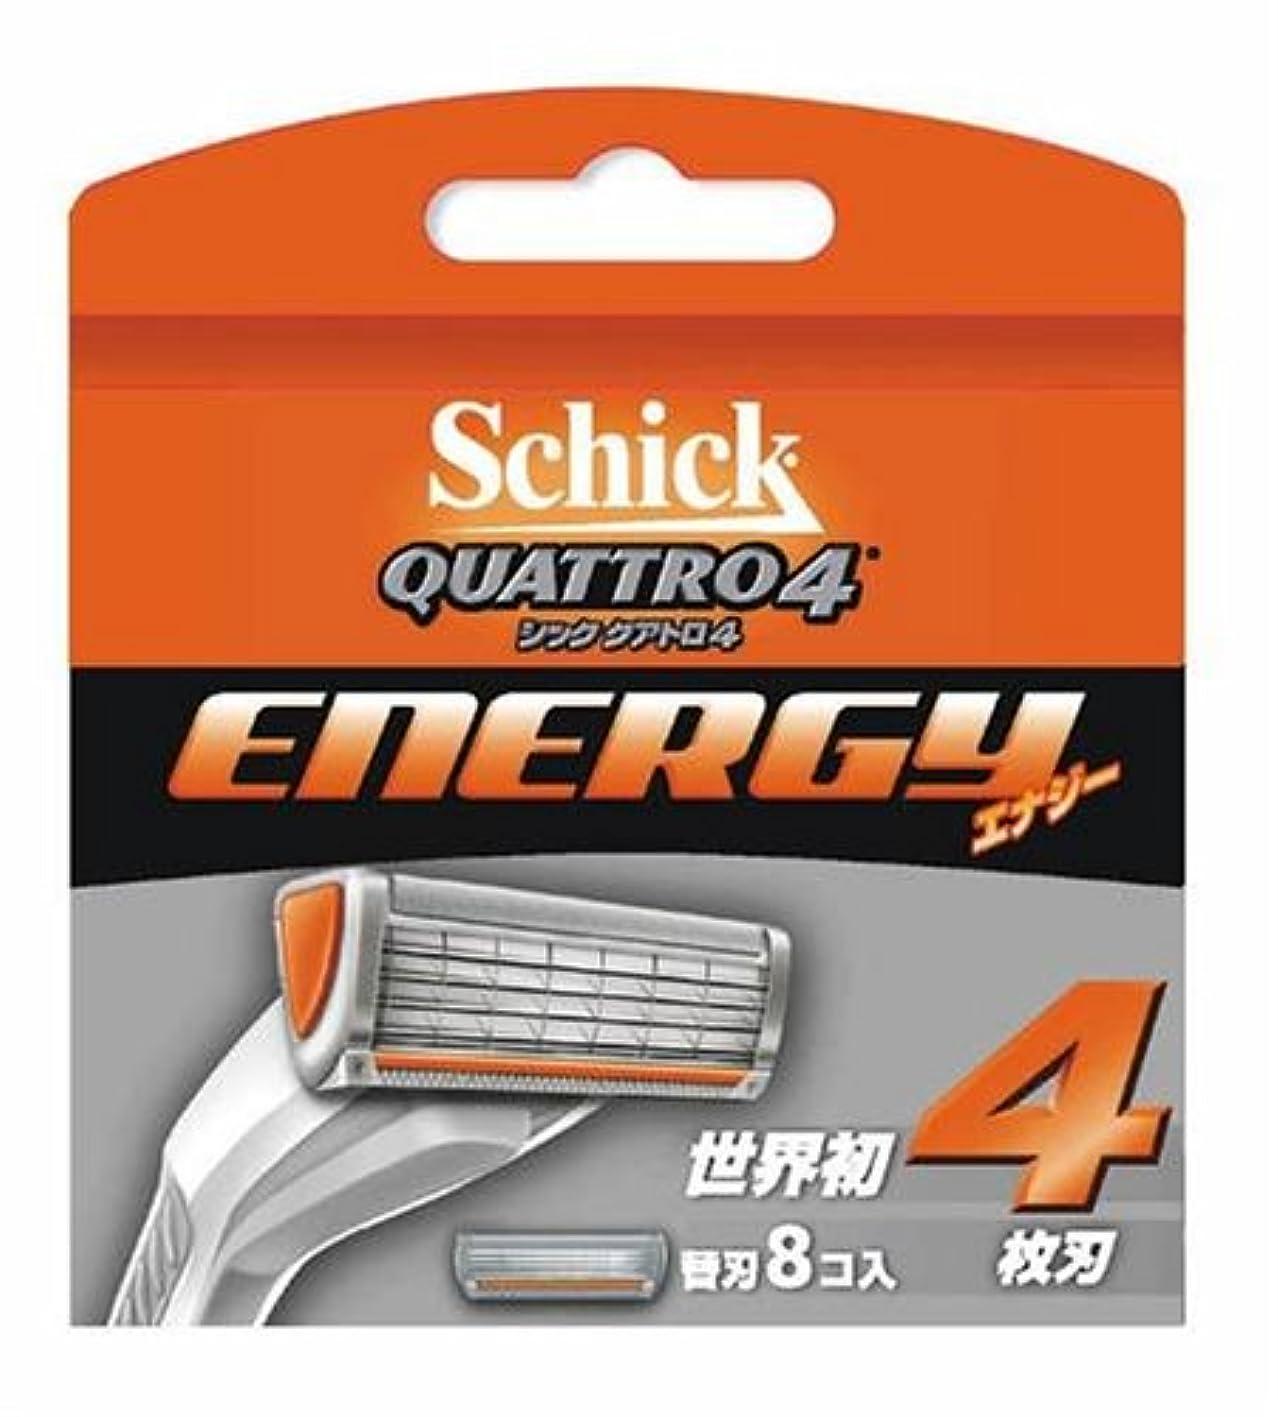 コミットメント整理する抱擁シック クアトロ4 エナジー 替刃8個